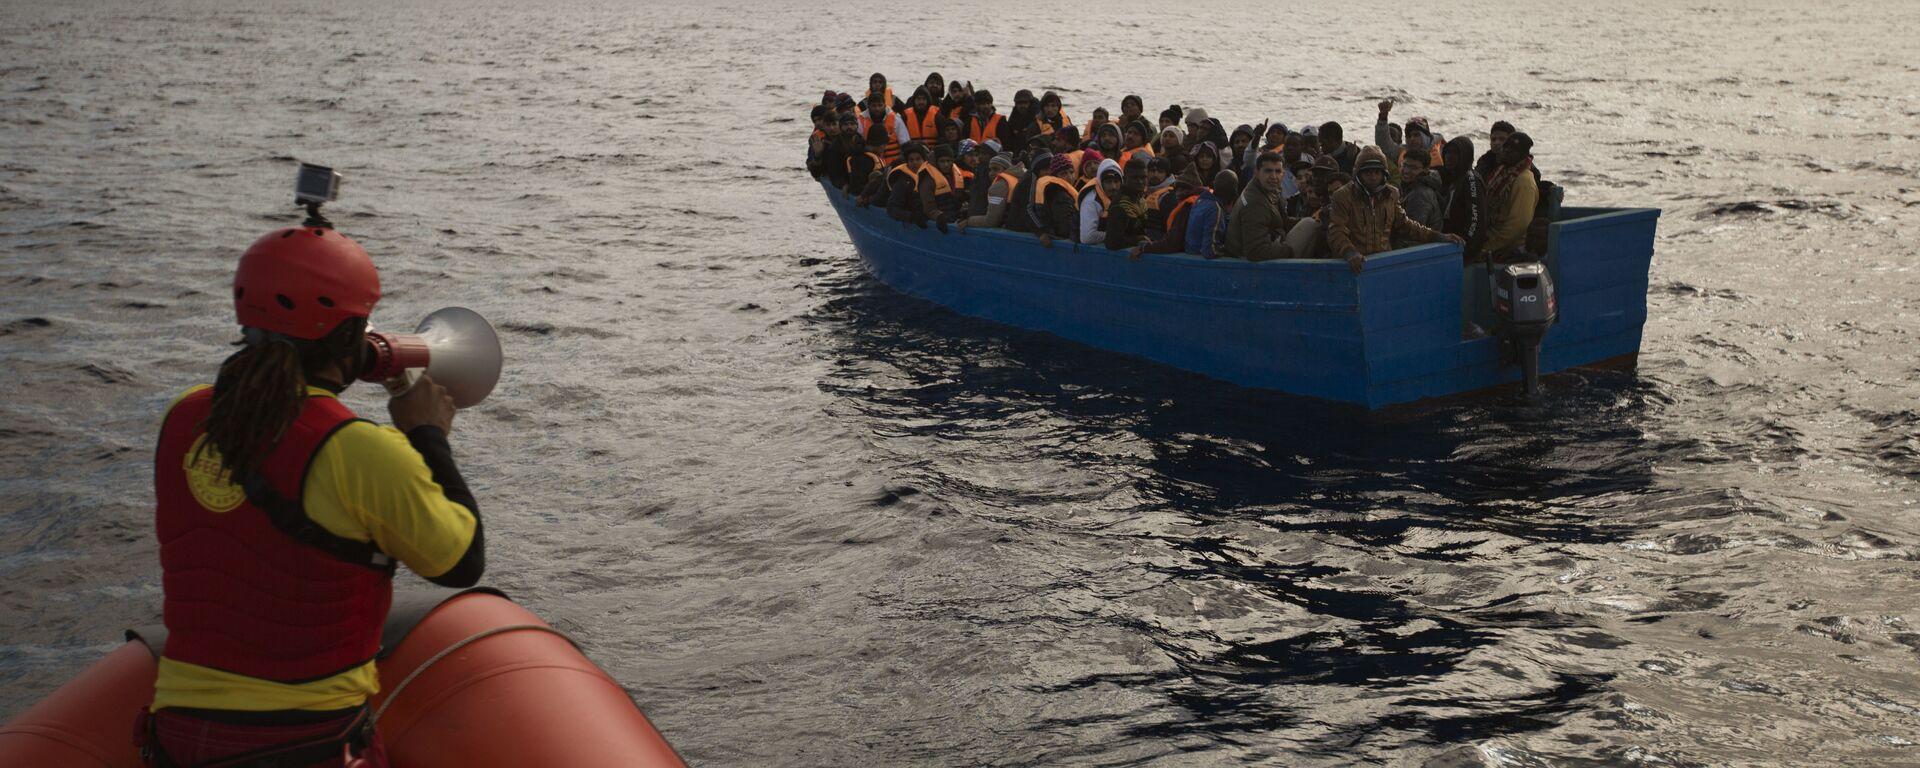 Migranti e rifugiati aiutati dai membri dell'ONG spagnola Proactiva Oper Arms nel mar Mediterraneo nei pressi di Libia (foto d'archivio) - Sputnik Italia, 1920, 15.07.2021